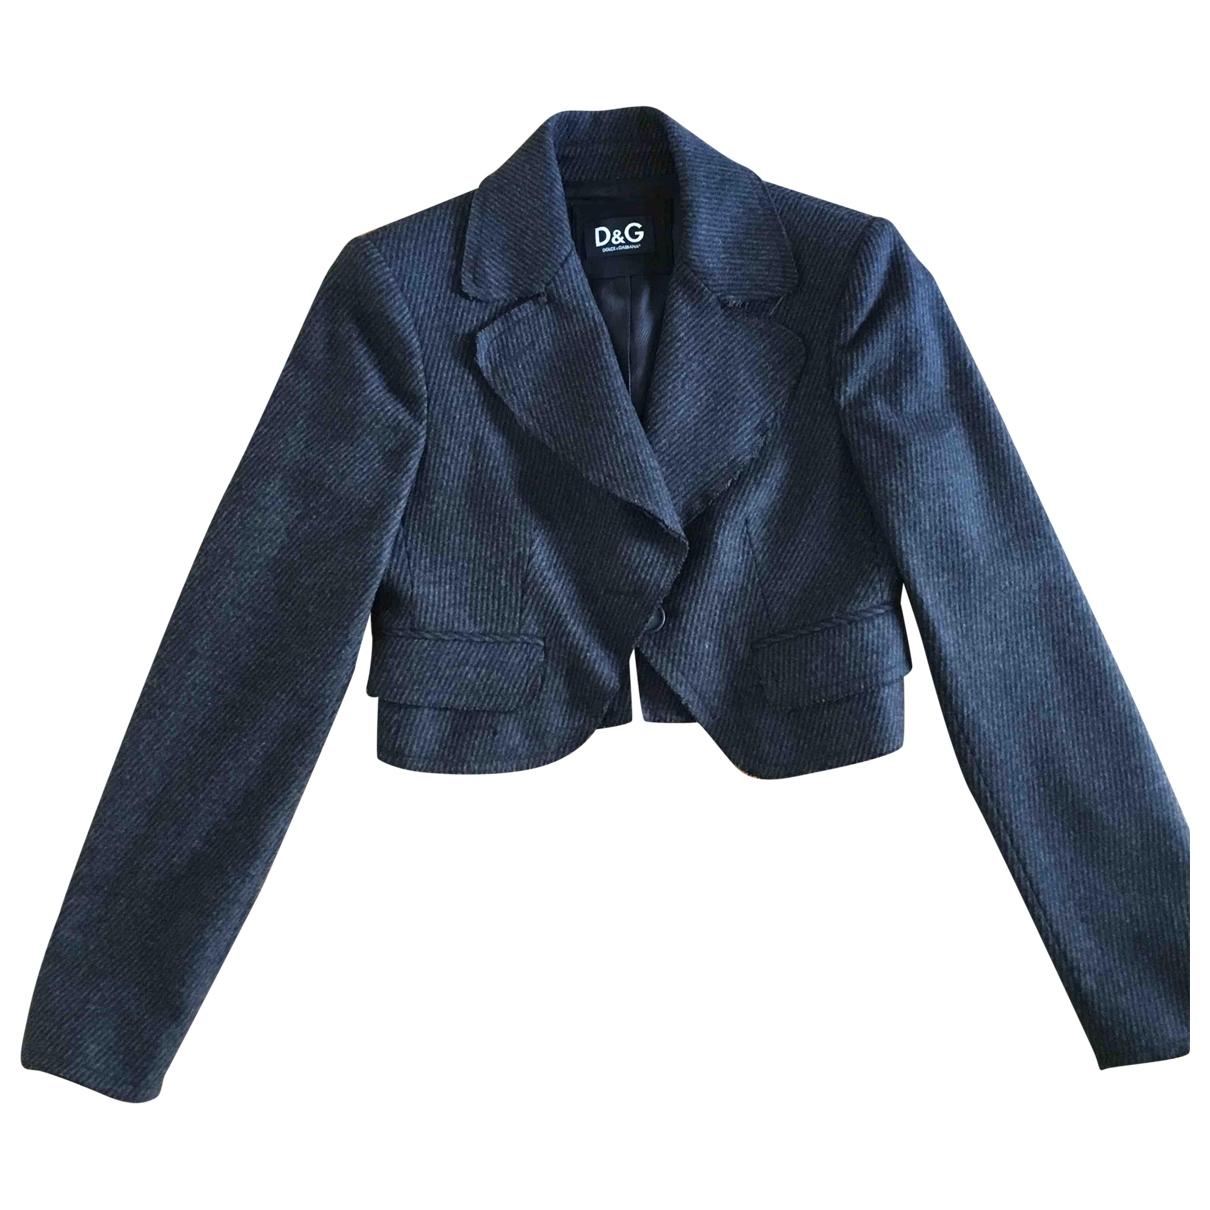 D&g \N Grey Wool jacket for Women 42 IT